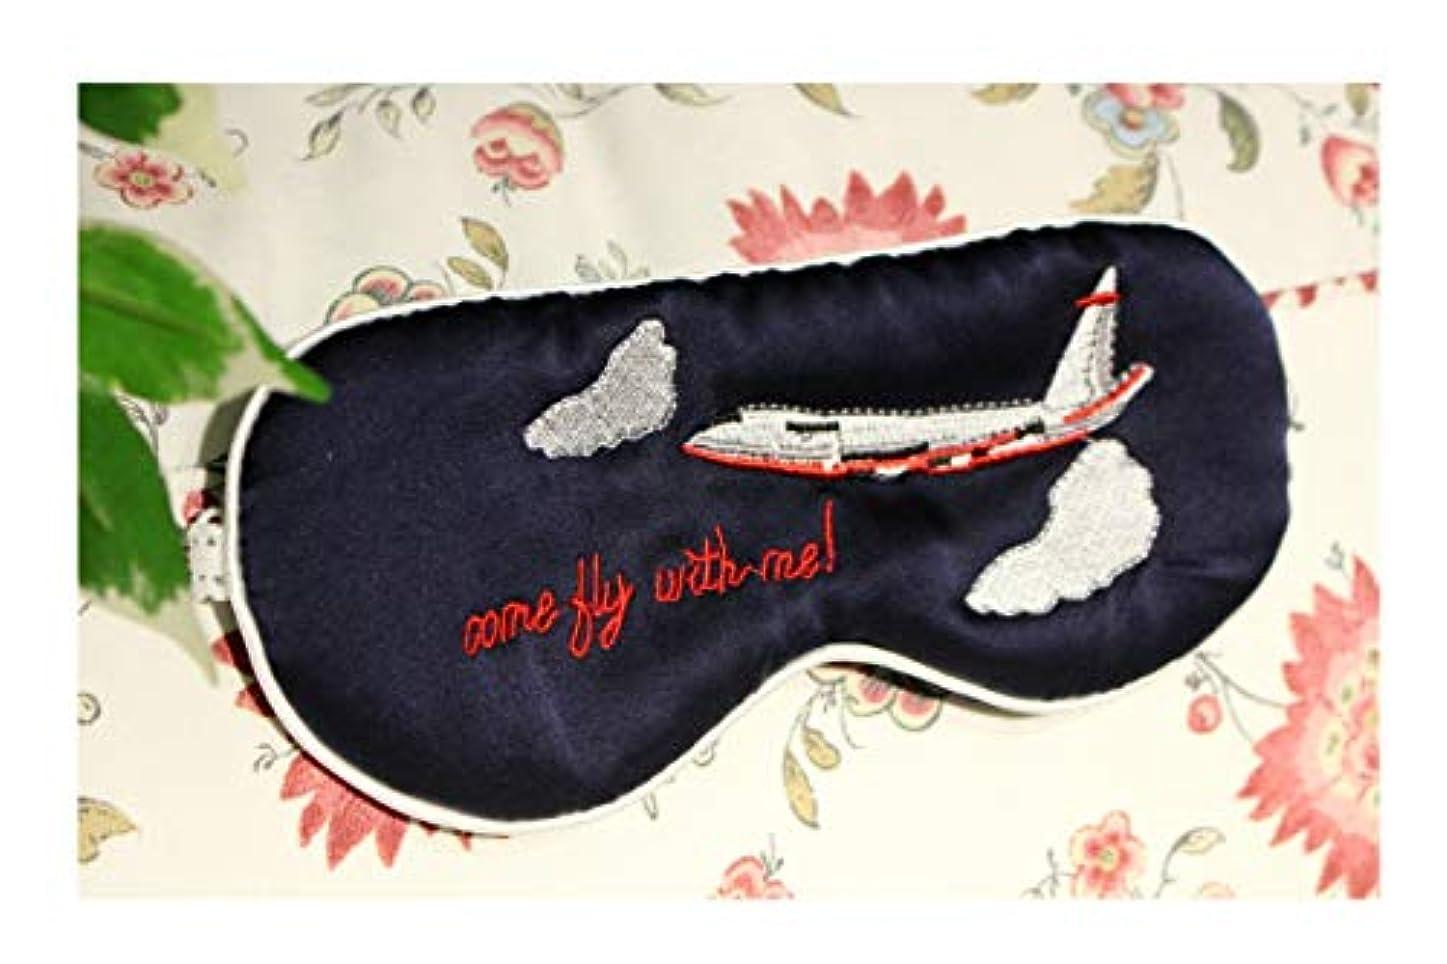 検査フクロウのれんSMART 新しいぬいぐるみピンクフラミンゴクッションガチョウの羽風船幾何北欧家の装飾ソファスロー枕用女の子ルーム装飾 クッション 椅子